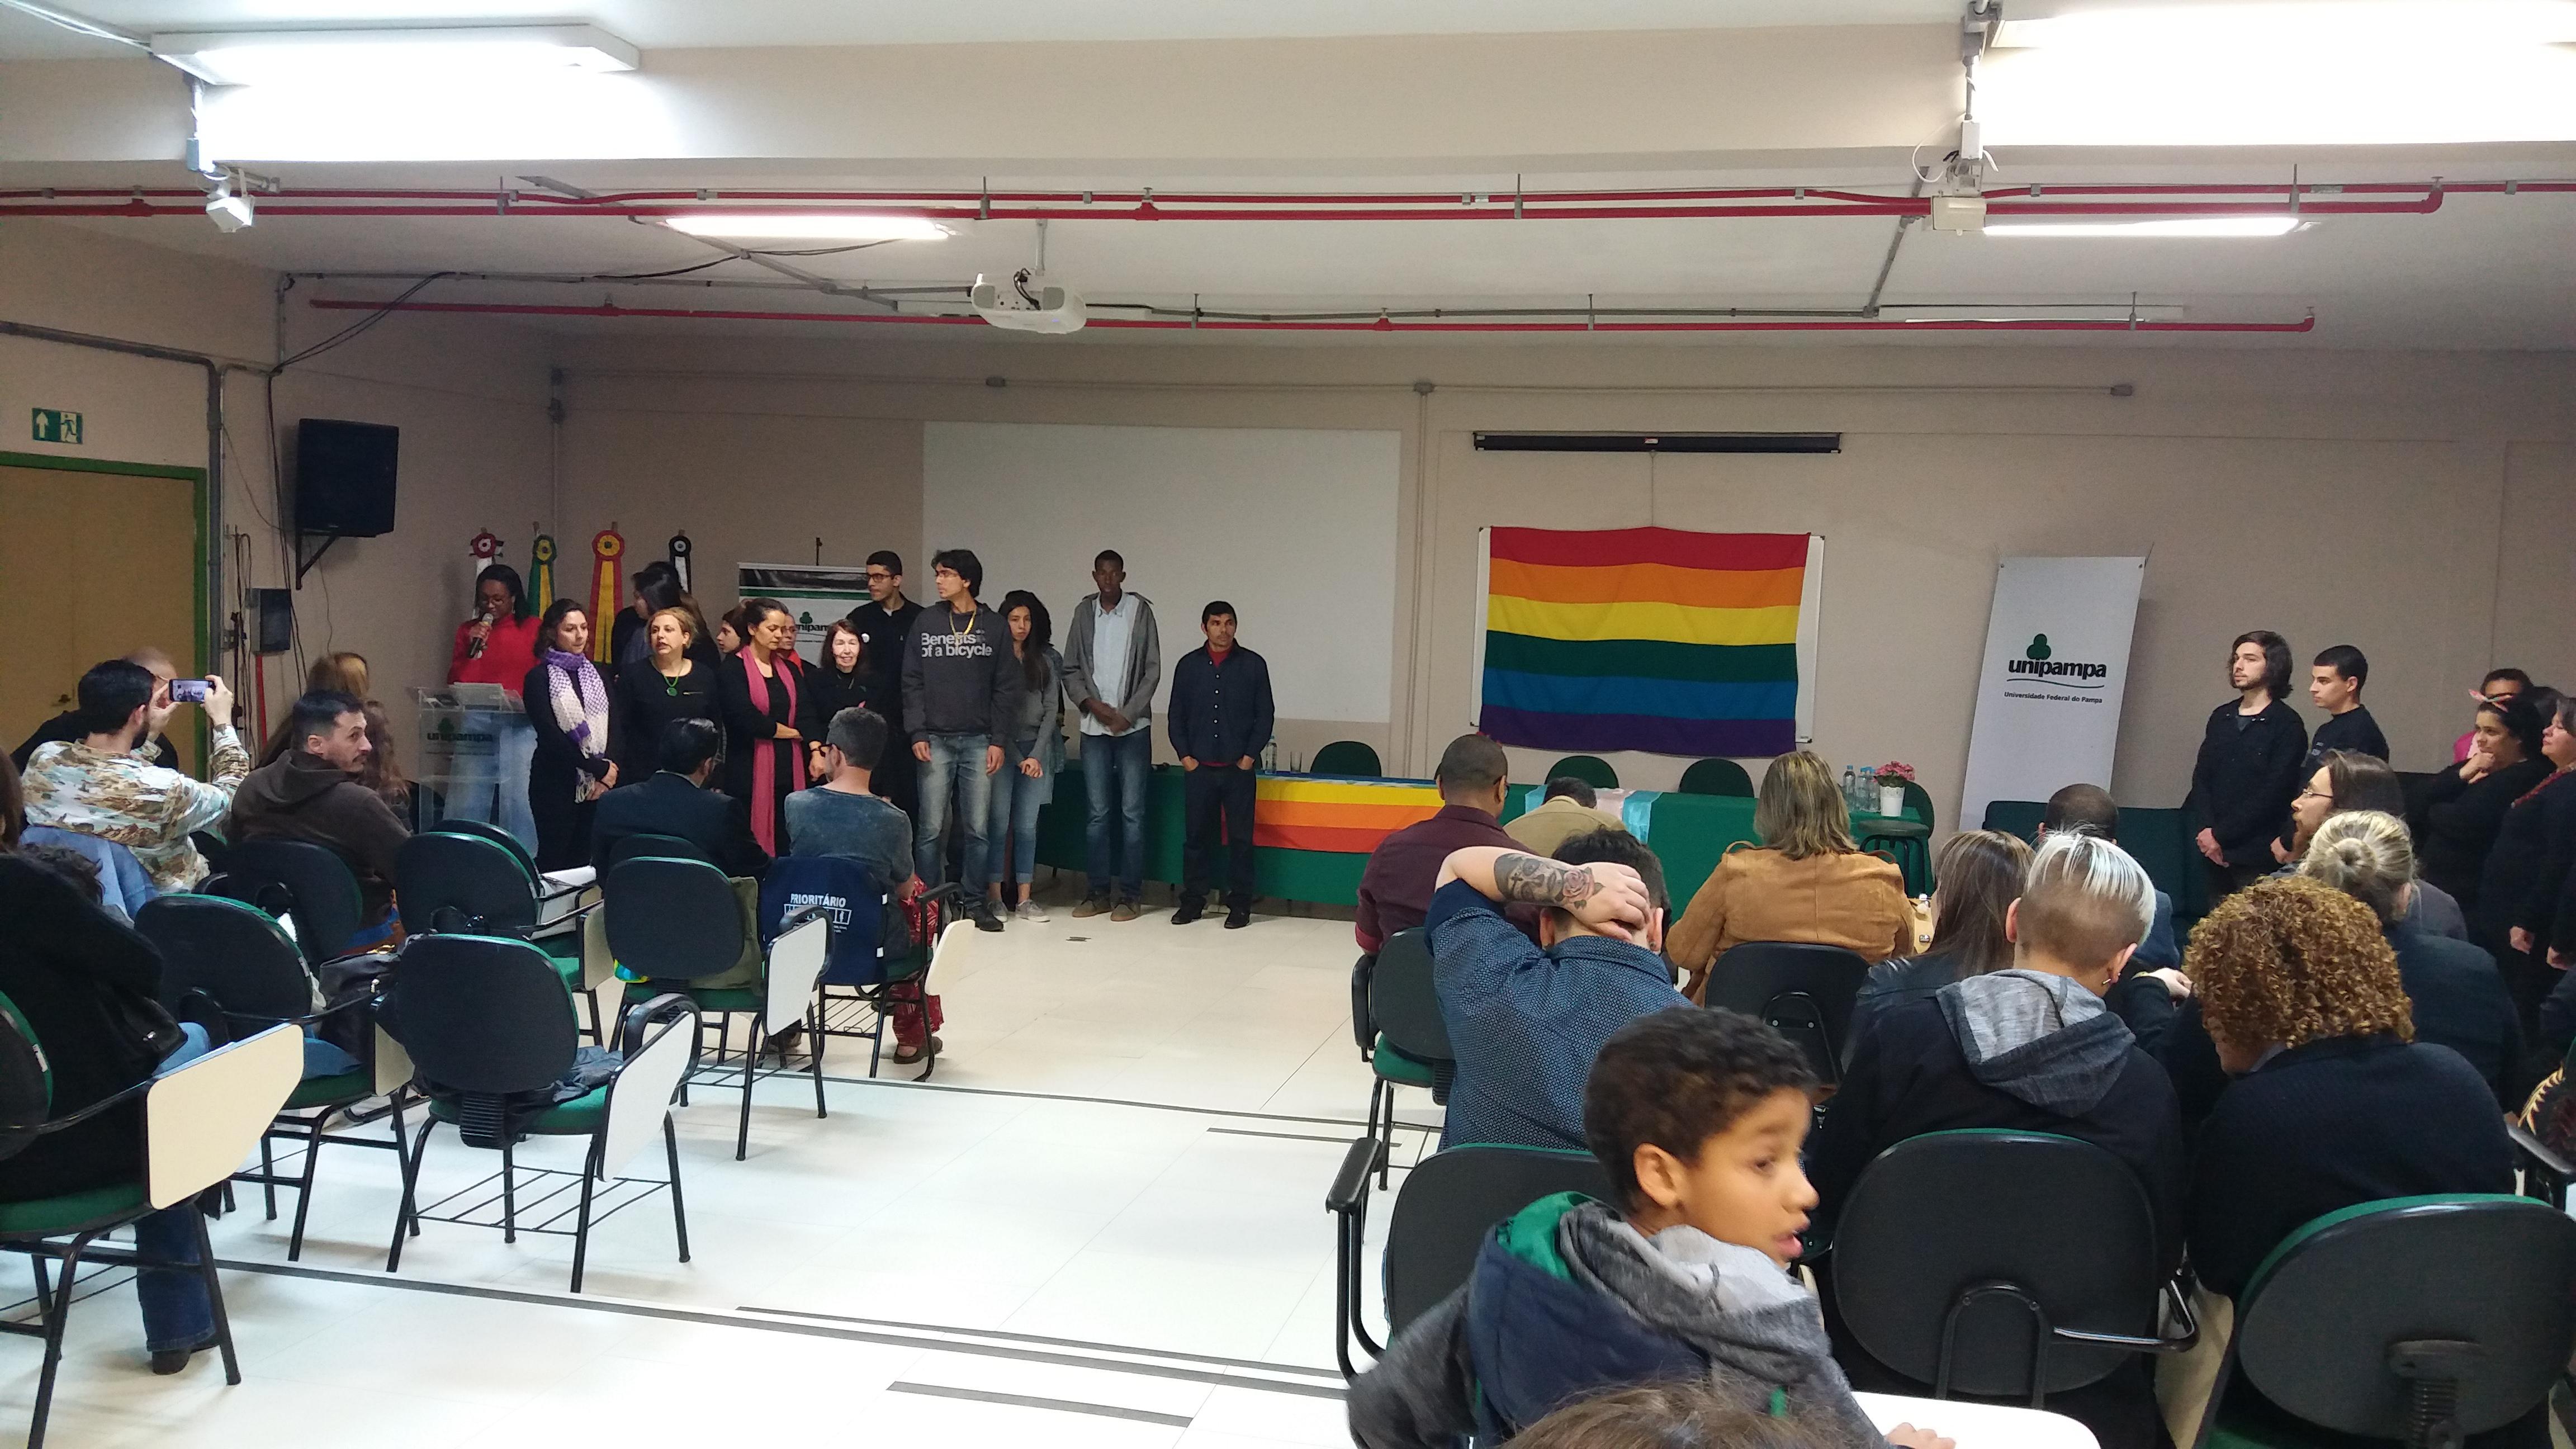 Auditório com pessoas assistindo ao evento